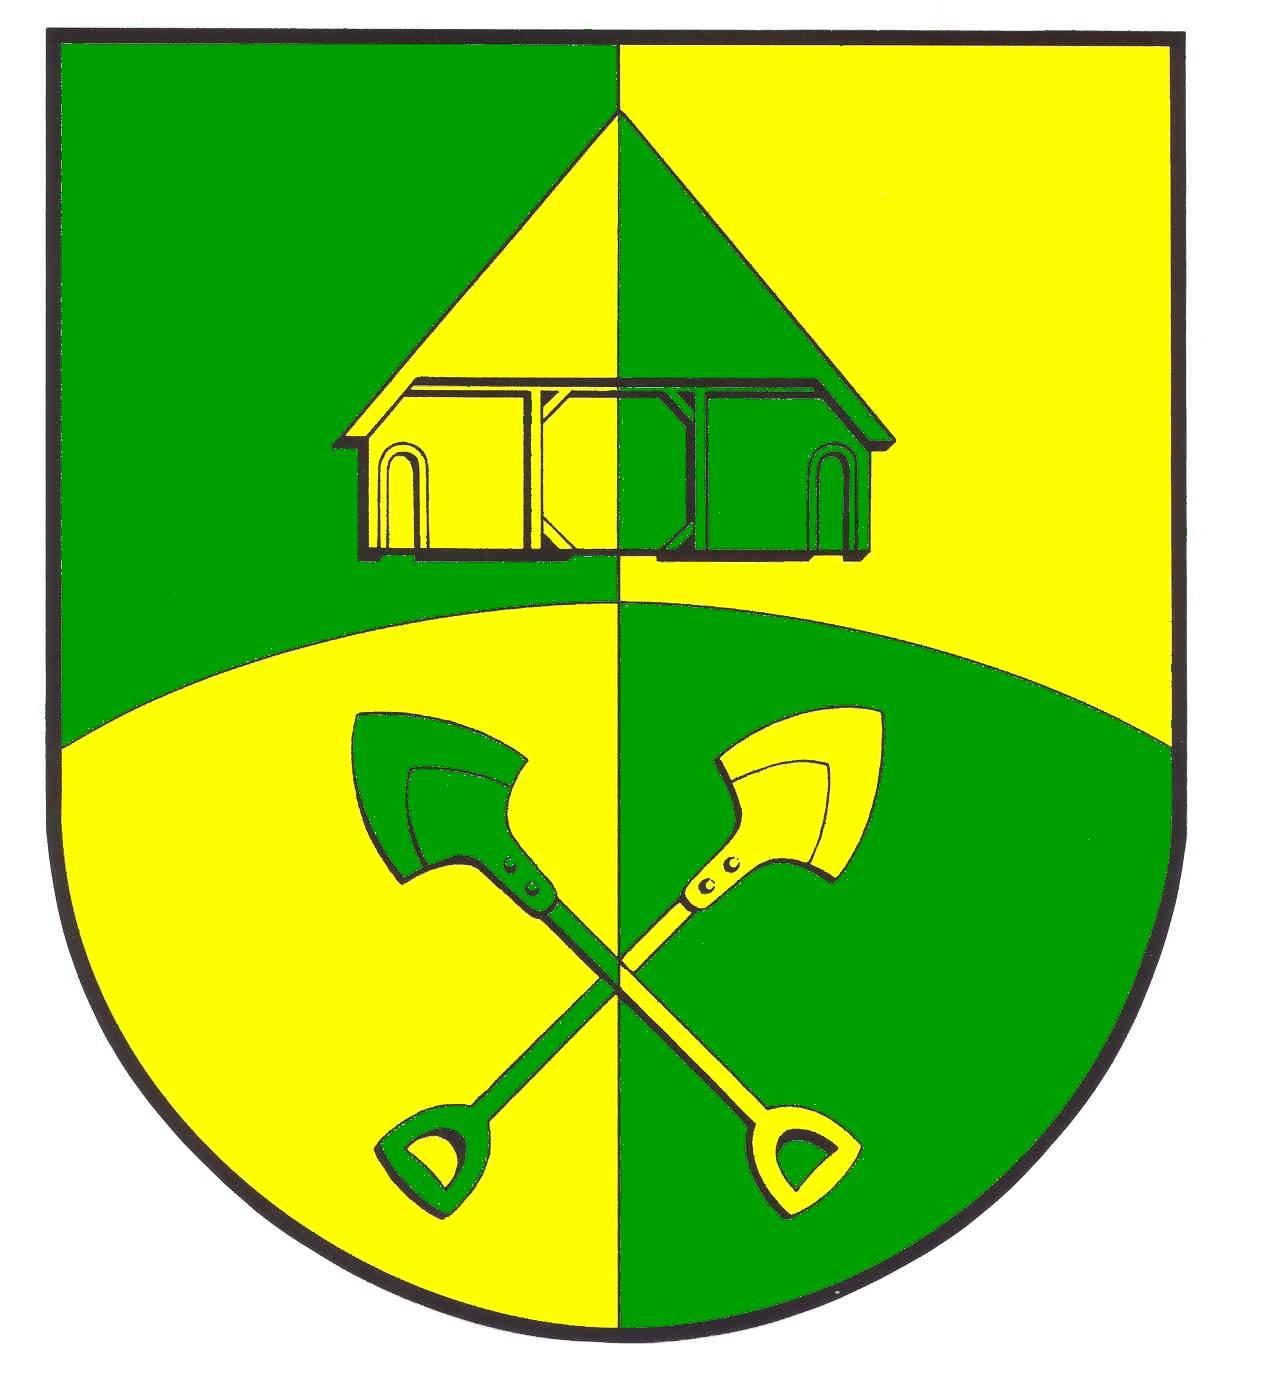 Wappen GemeindeBörm, Kreis Schleswig-Flensburg